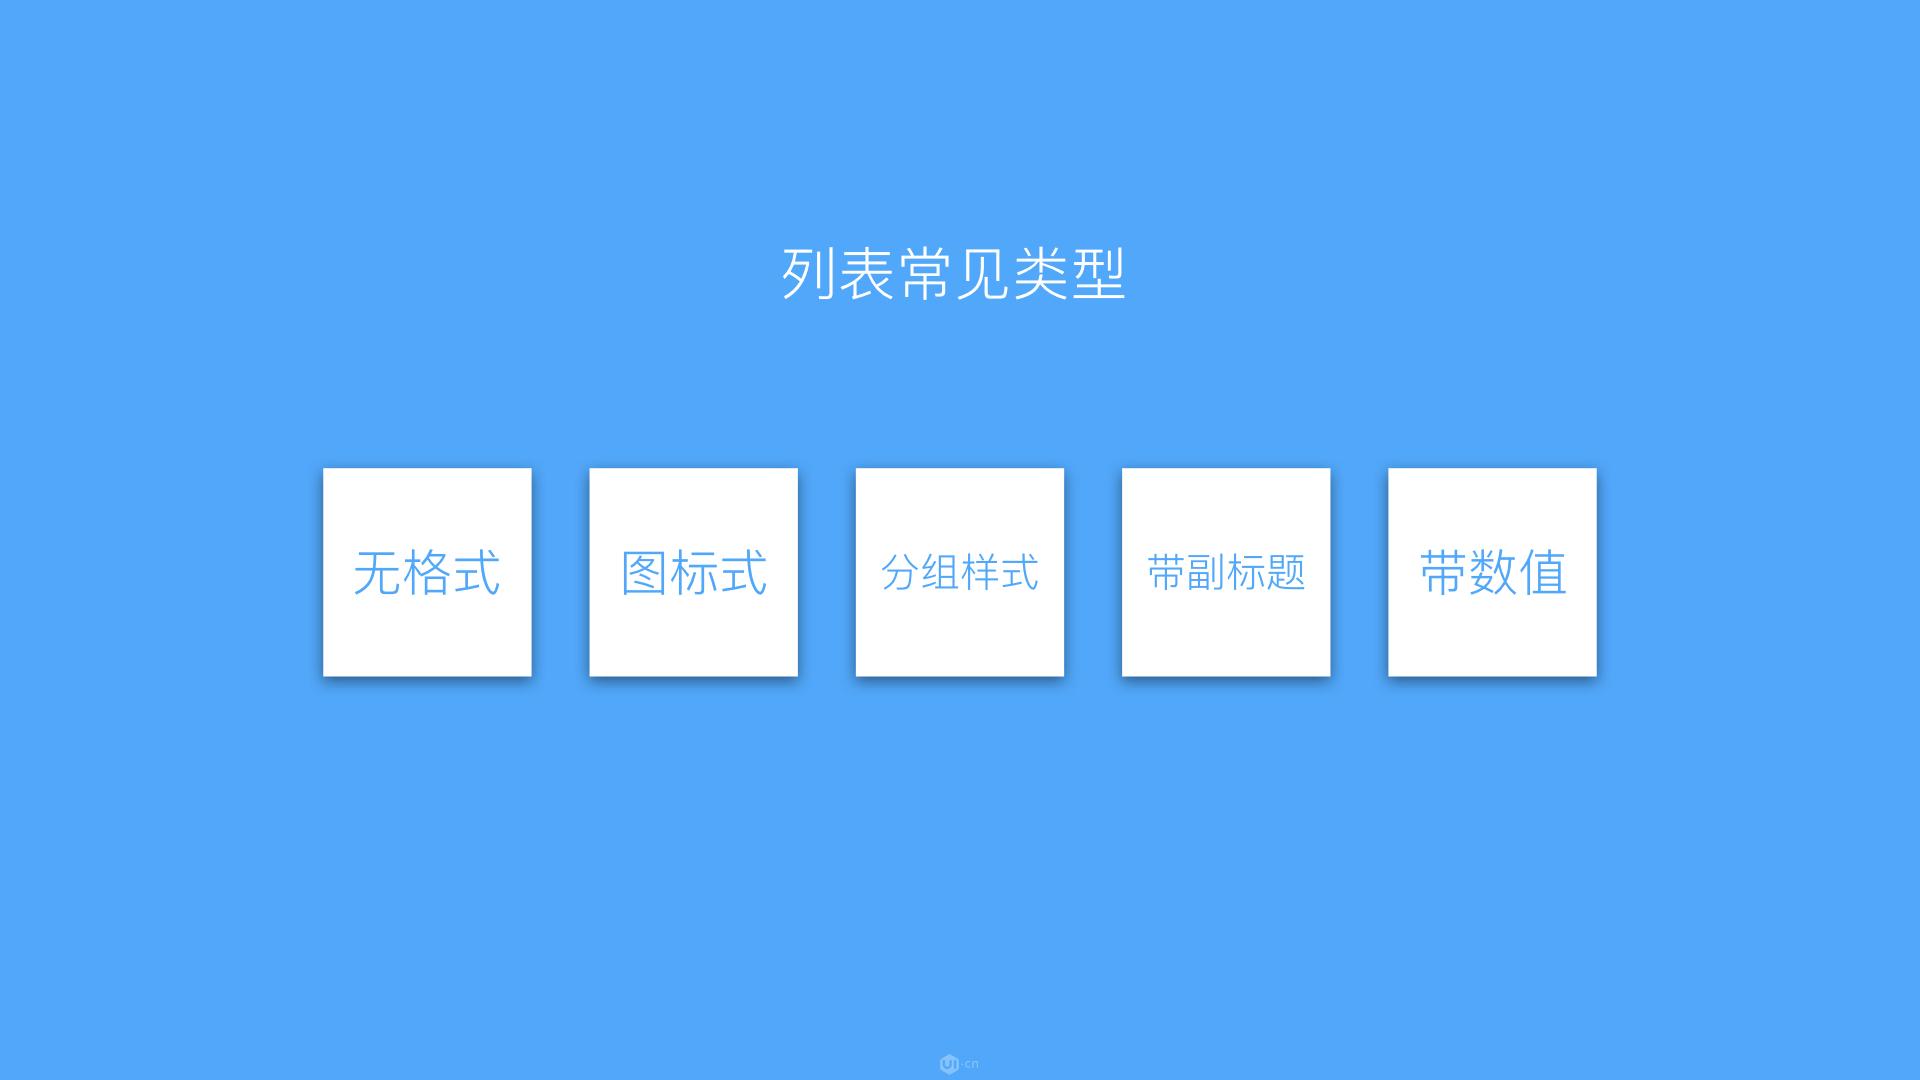 交互设计之(一)列表设计-艺源科技